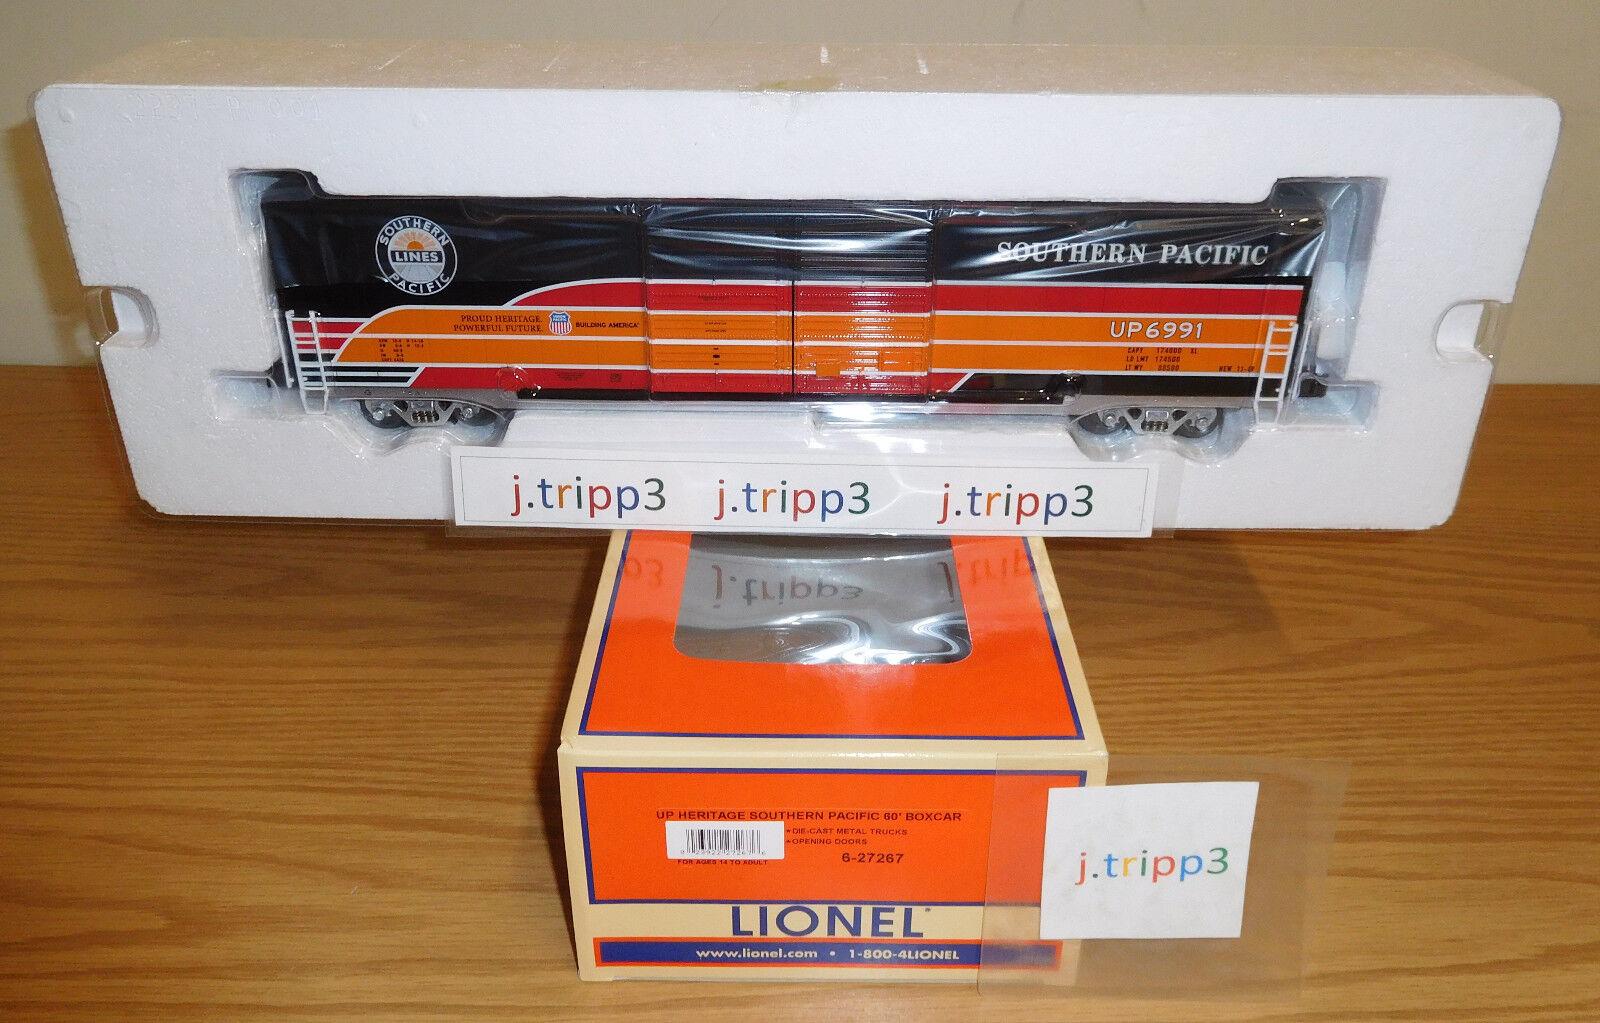 Lionel 6-27267 Southern Pacific Unión Up Heritage 60' furgón o escala Tren de Juguete